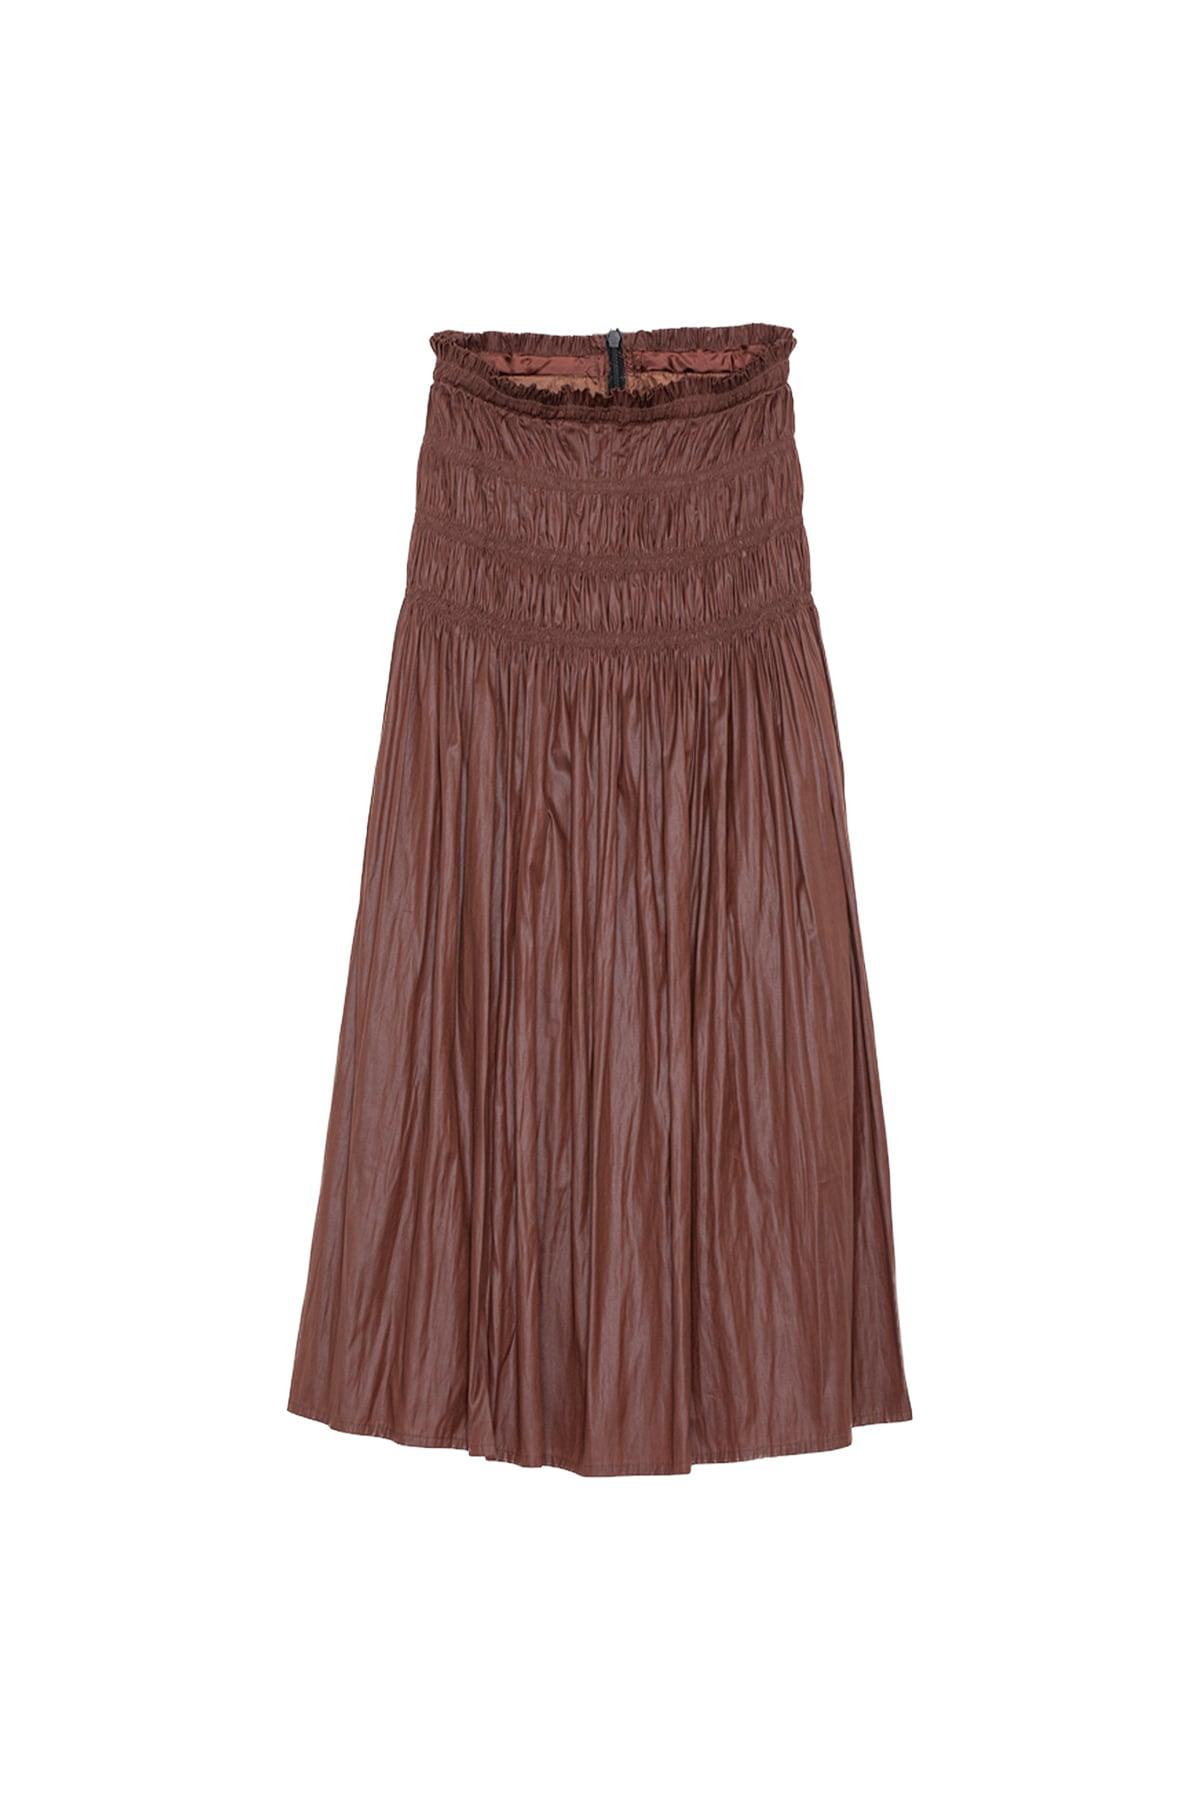 ワッシャーサテンスカート< brown >